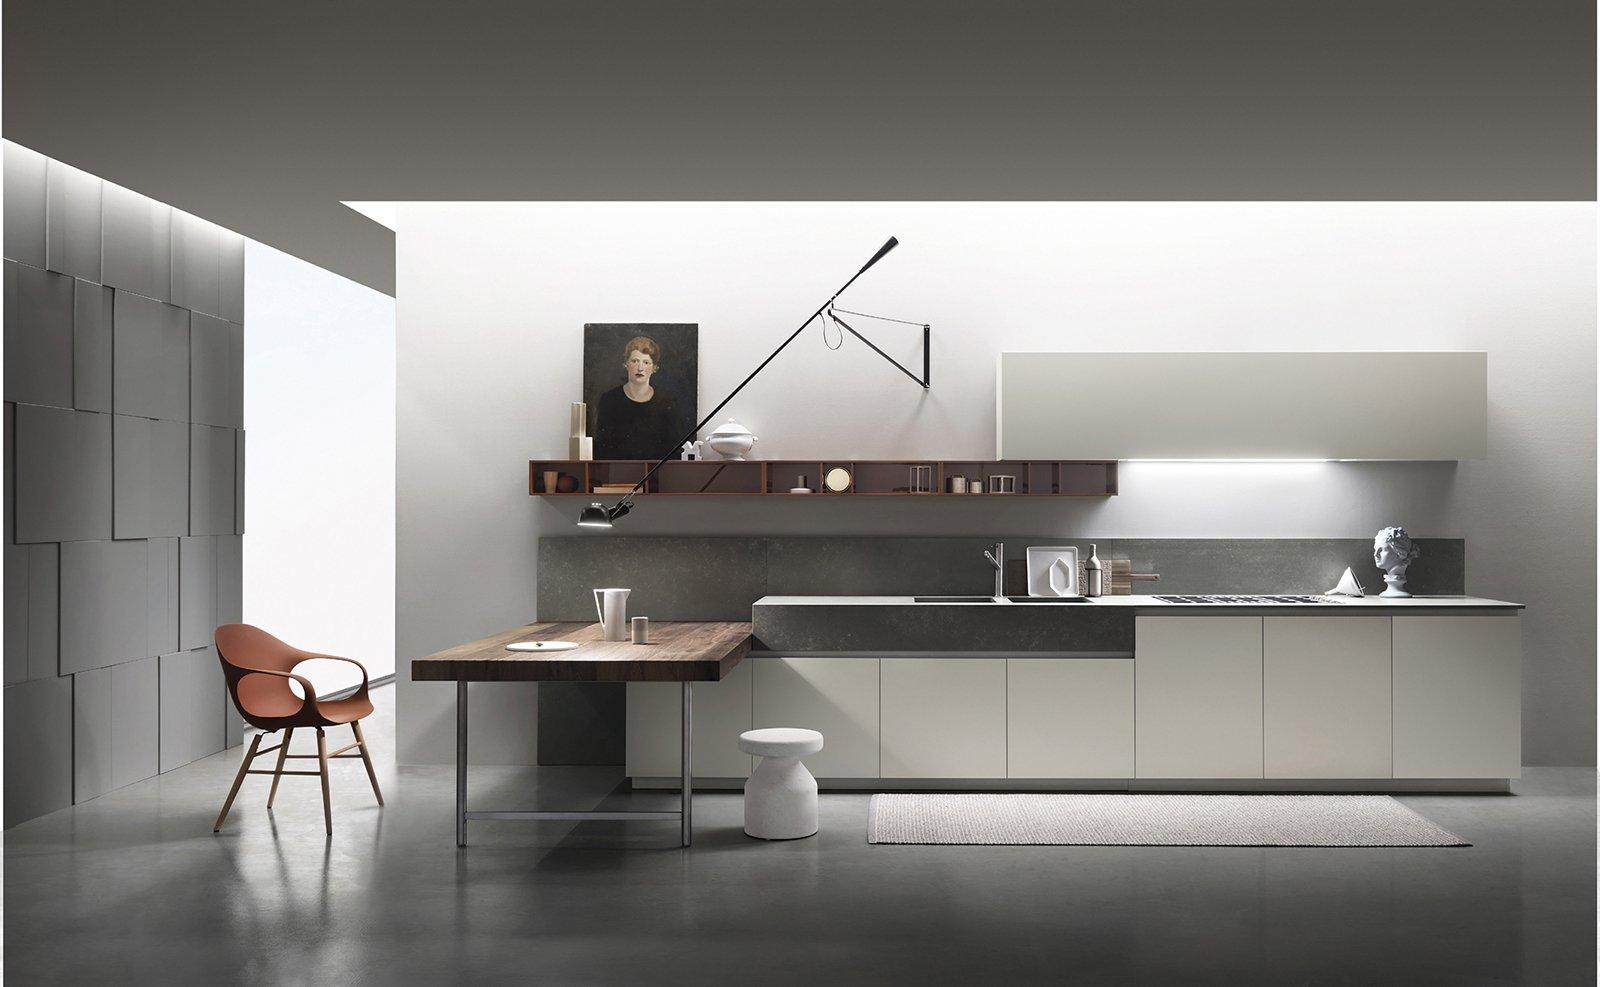 Cucina la luce nel punto giusto cose di casa - Meglio luce calda o fredda in cucina ...